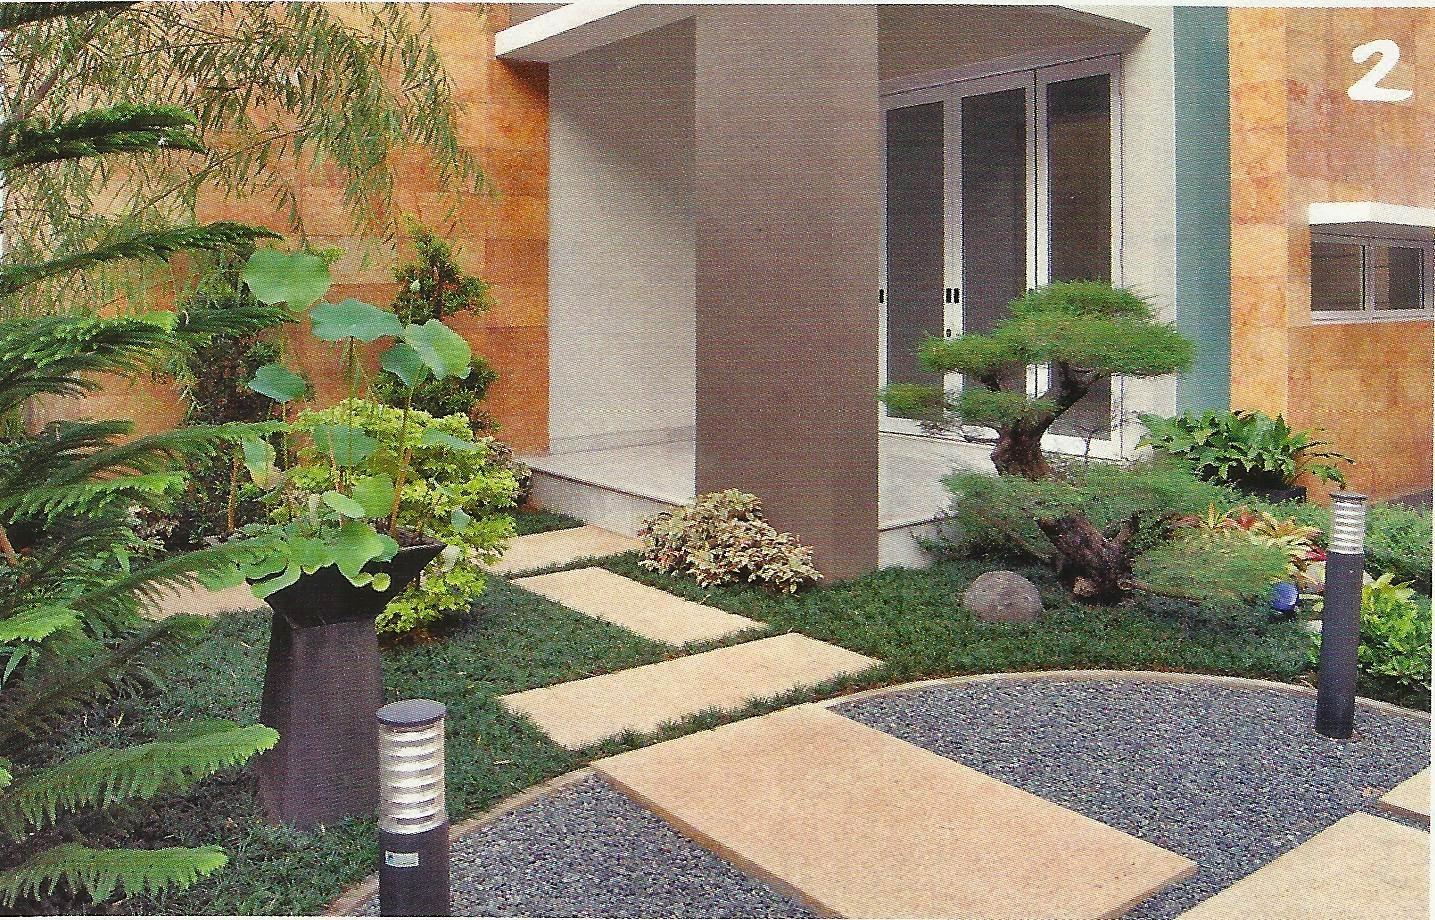 Kreasi Taman Kecil Depan Rumah Minimalis